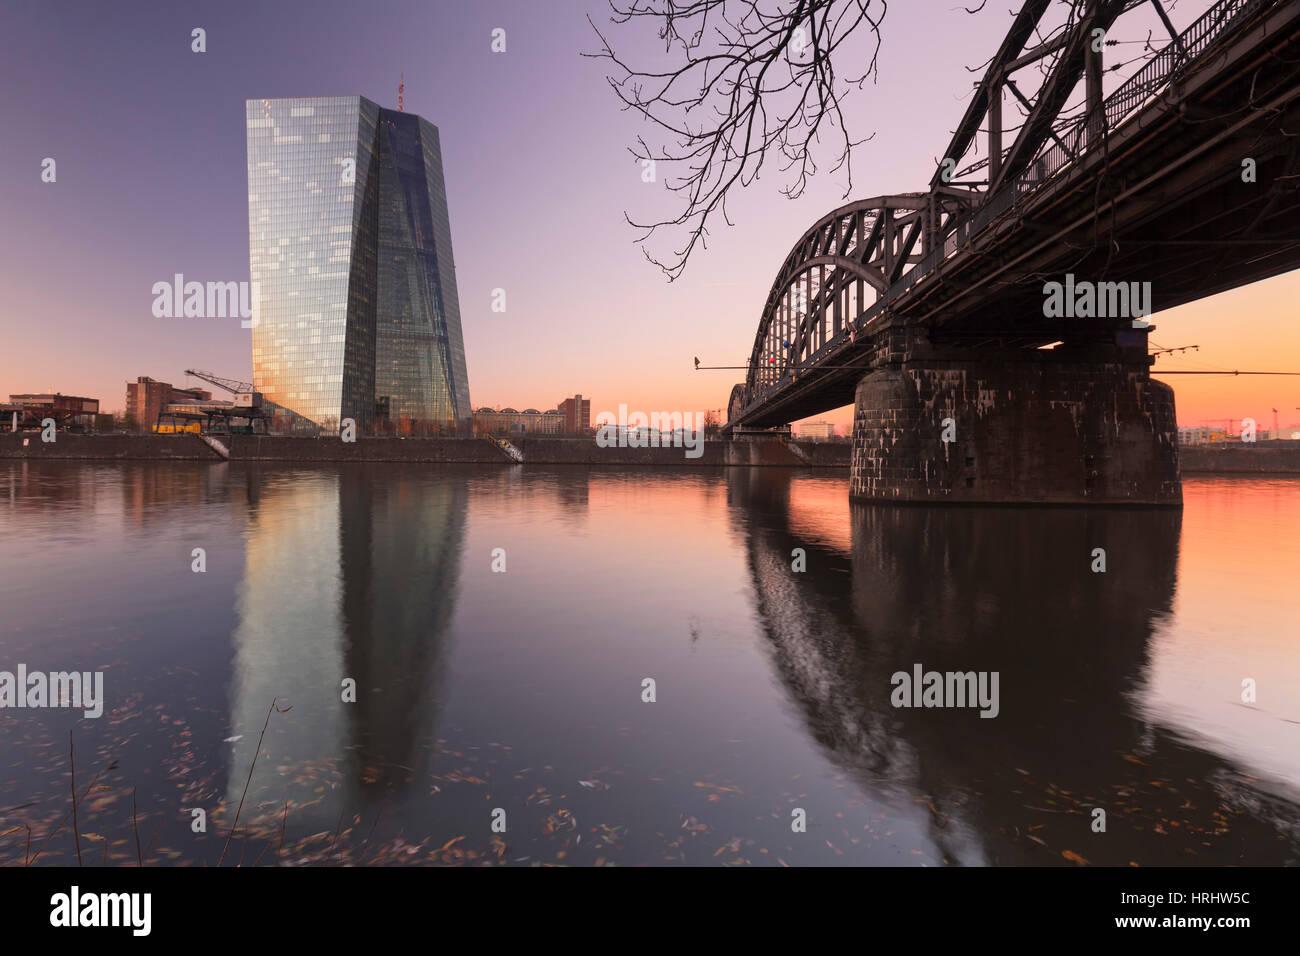 Vue sur rivière principale de Banque centrale européenne, Francfort, Hesse, Allemagne Photo Stock